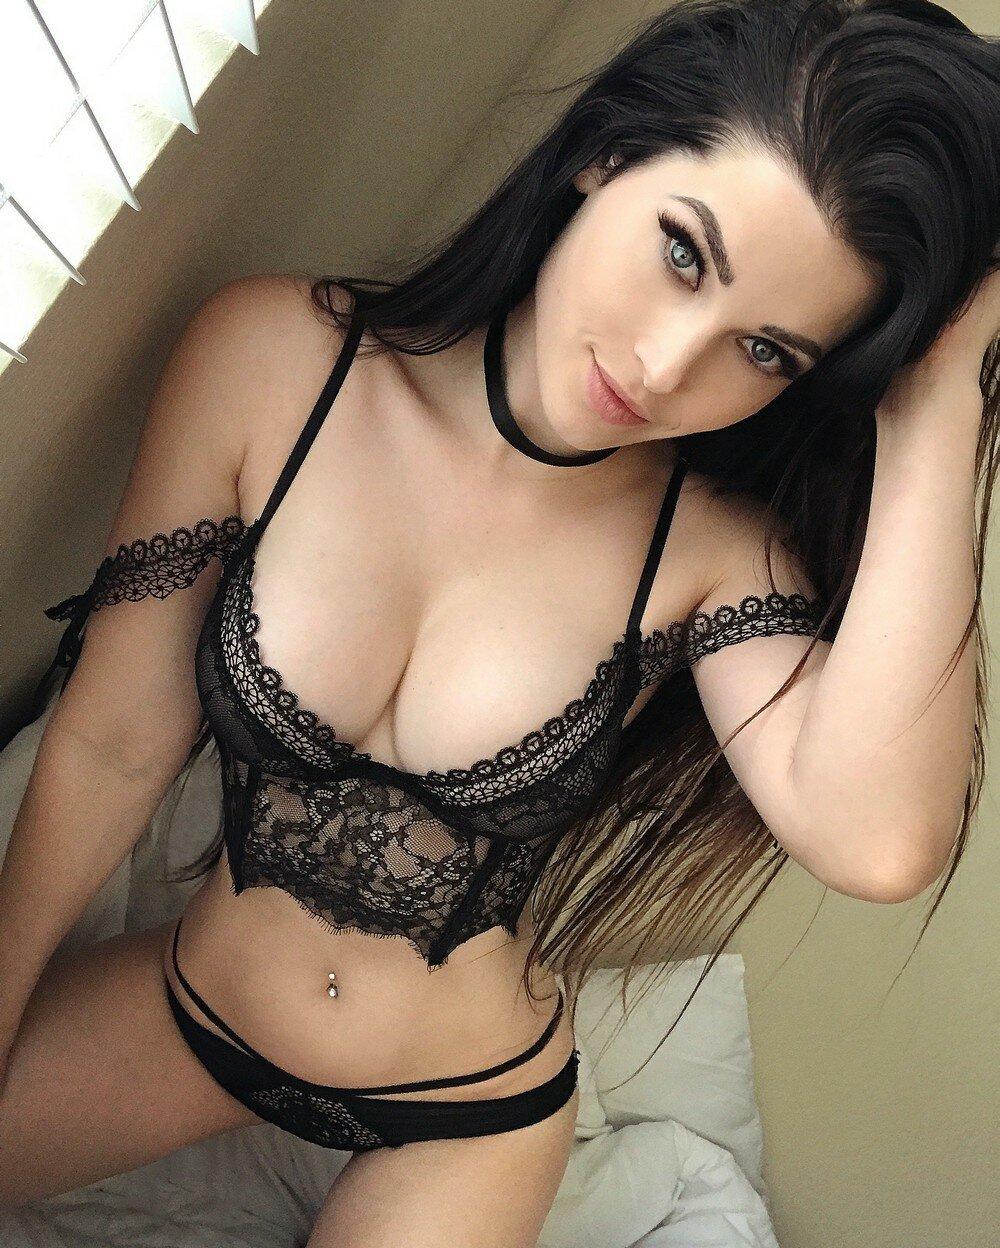 Сексуальная женщина домашние фото